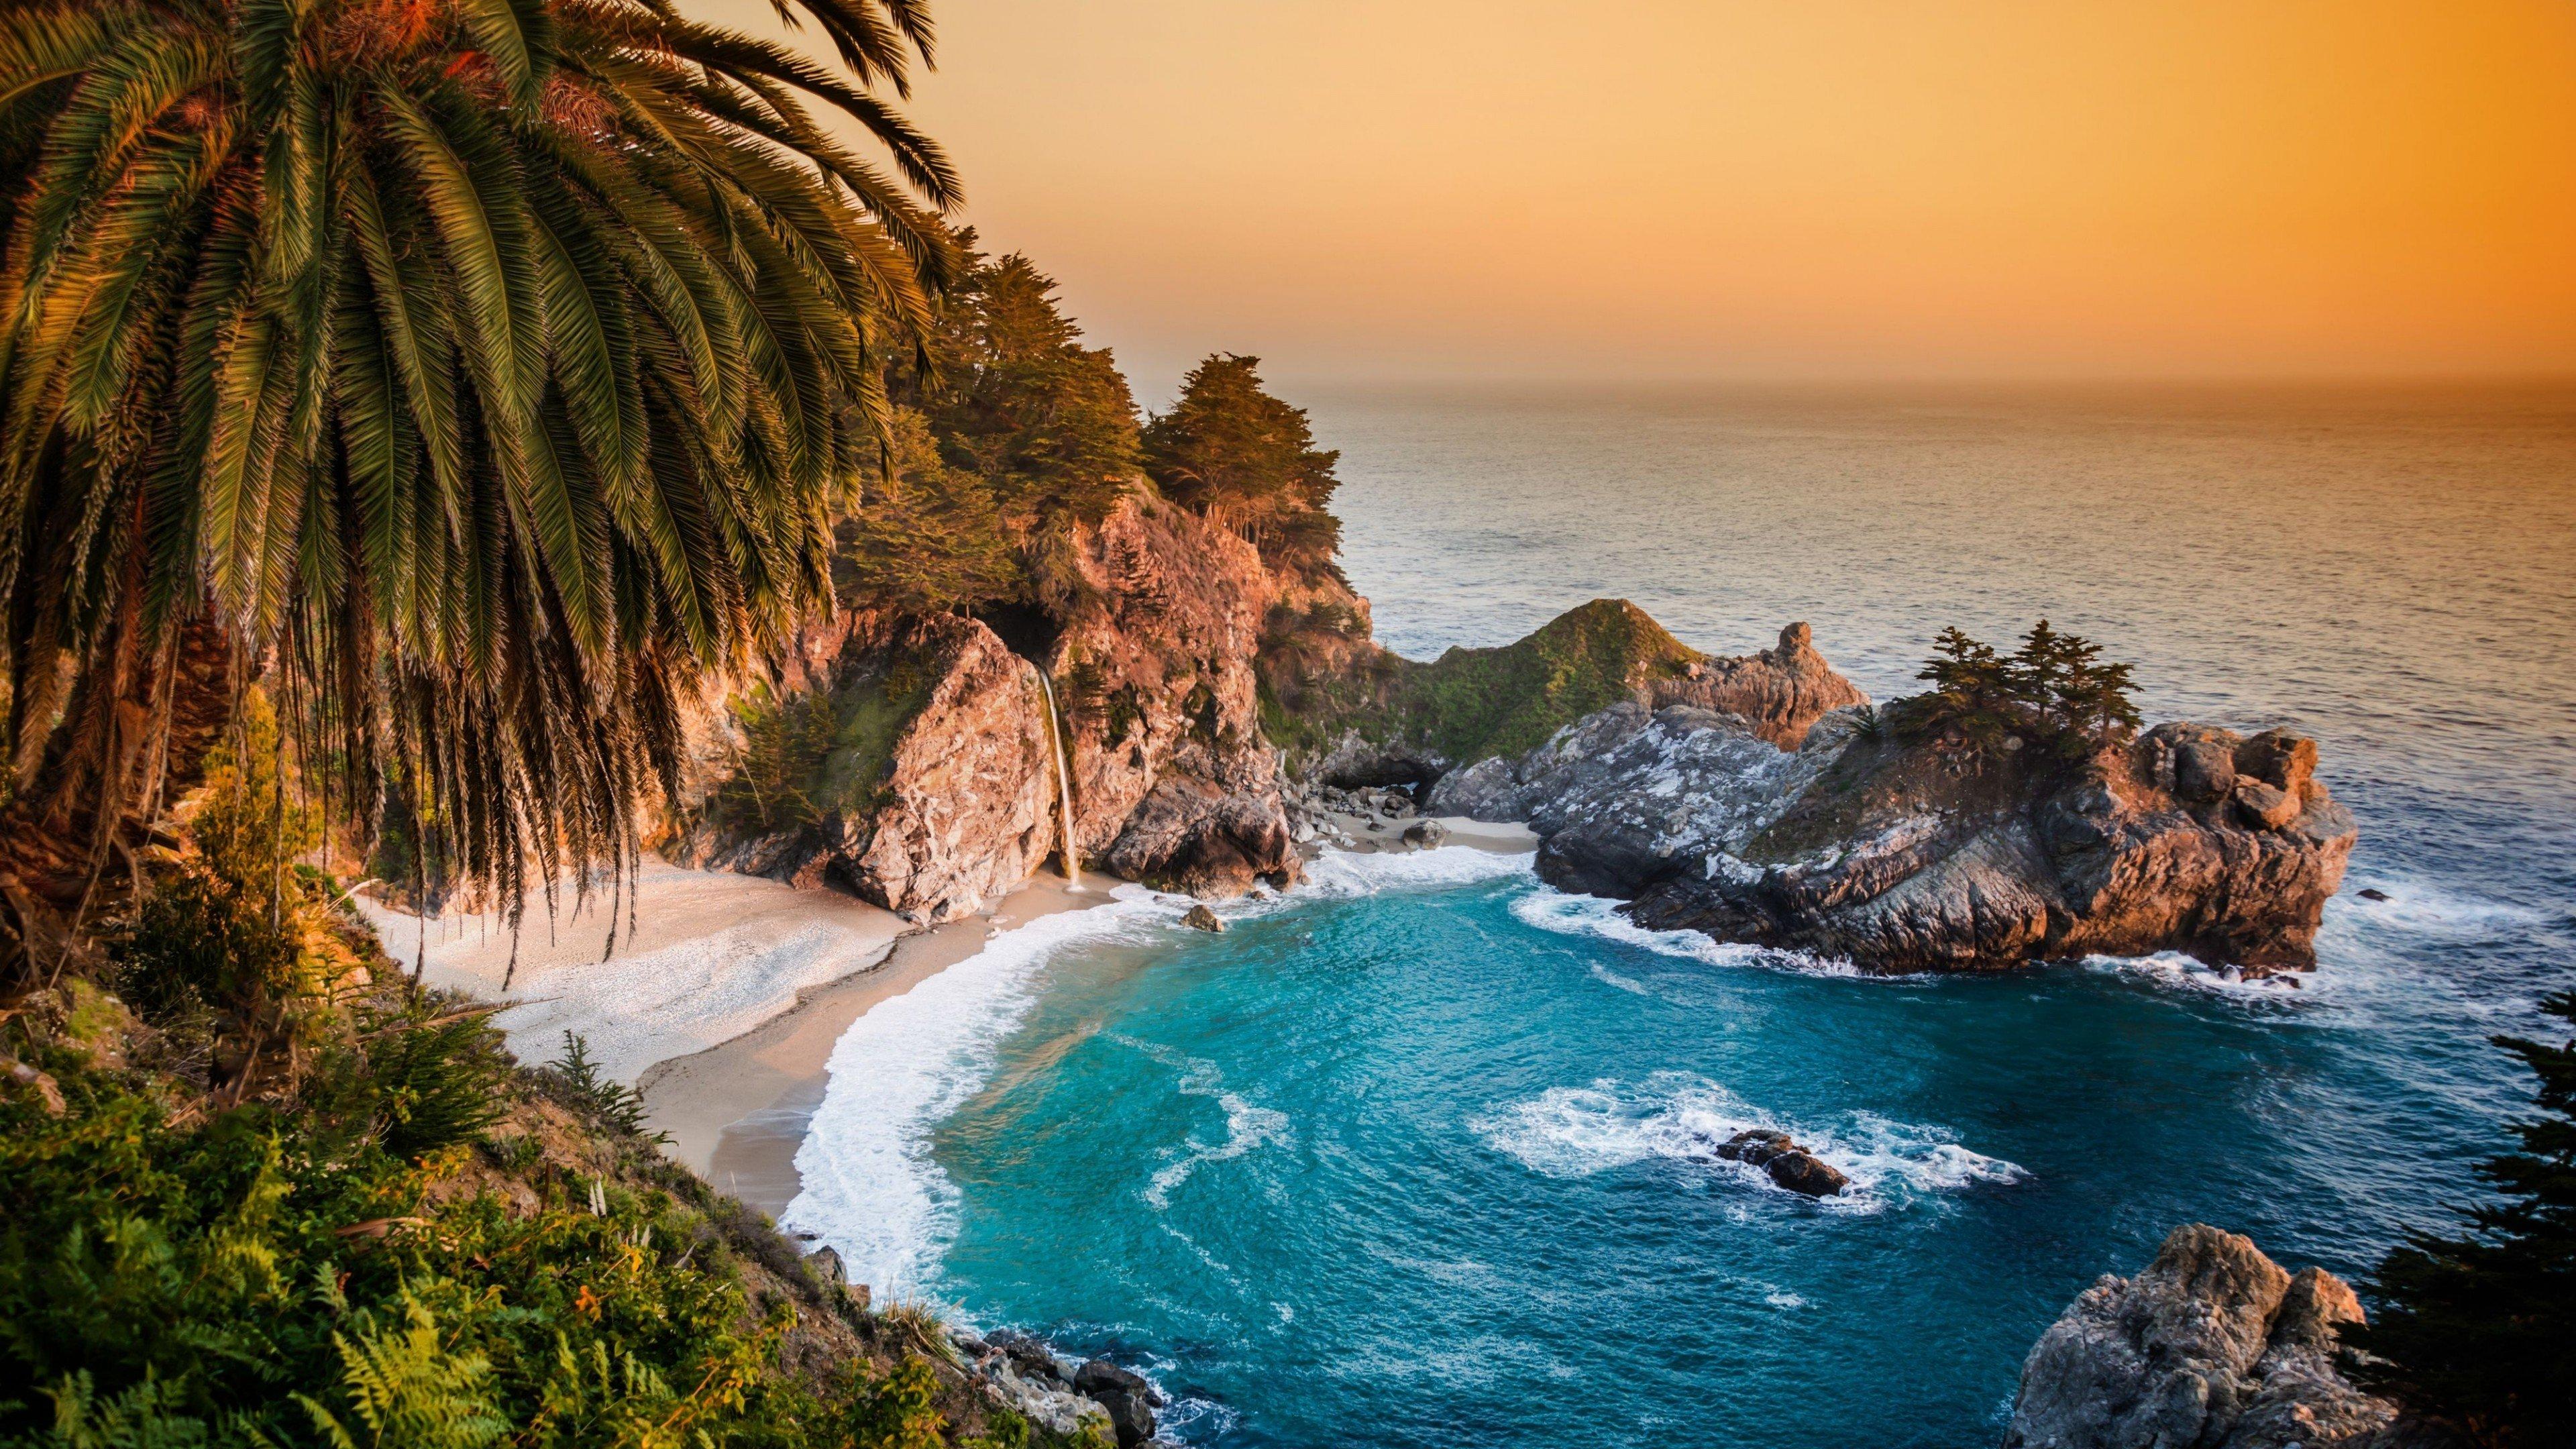 Fondos de pantalla Oceano pacifico de California